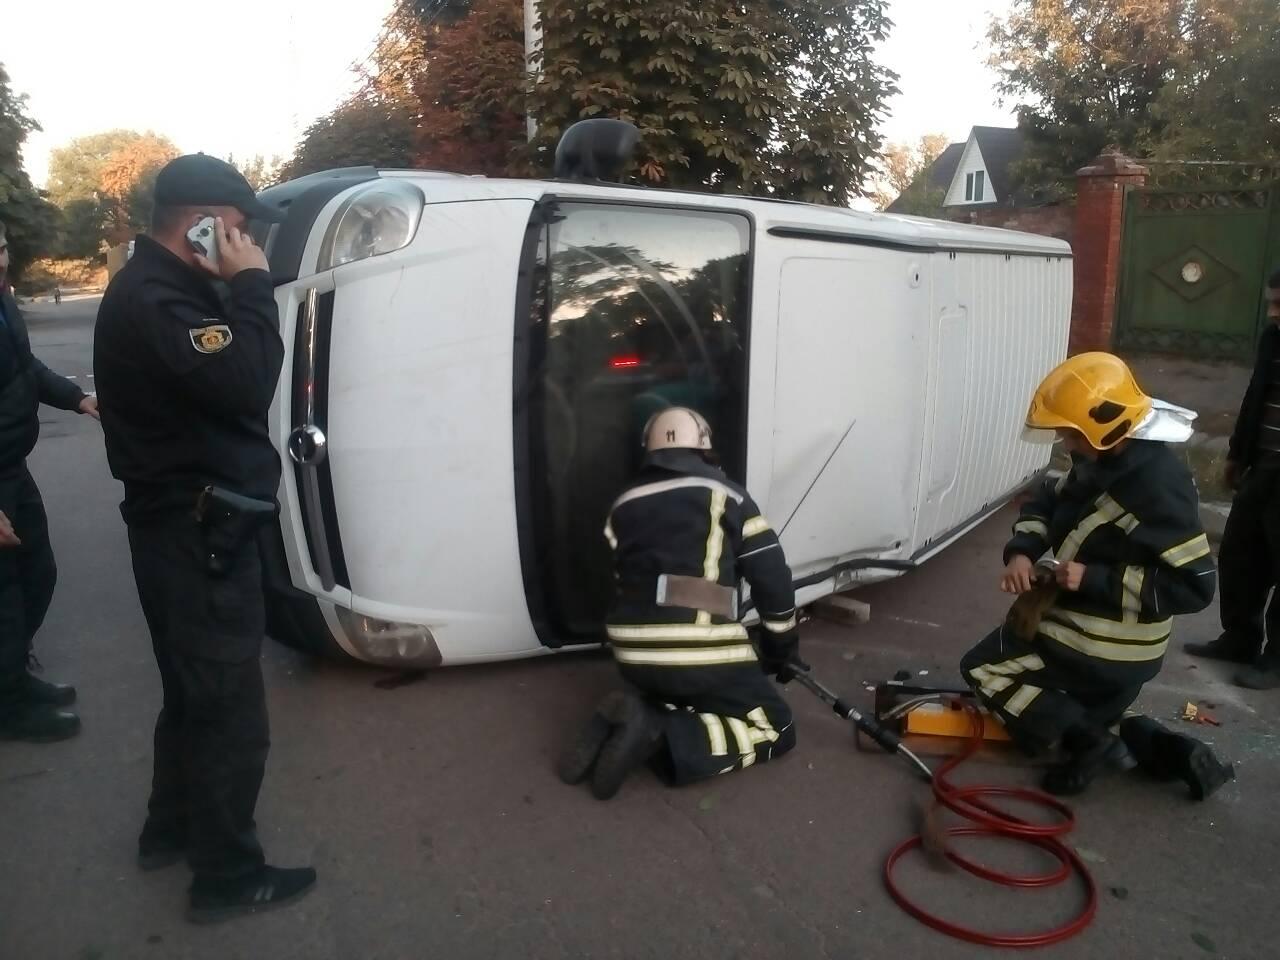 Водій і пасажир виявилися заблокованими в мікроавтобусі, що перекинувся в Олександрії. ФОТО - 1 - За кермом - Без Купюр